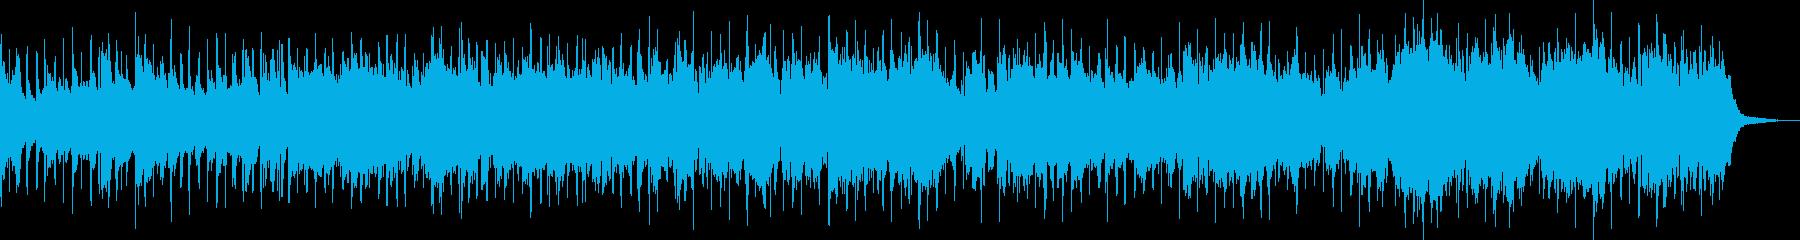 メロウなピアノの心地良いlo-fiビートの再生済みの波形